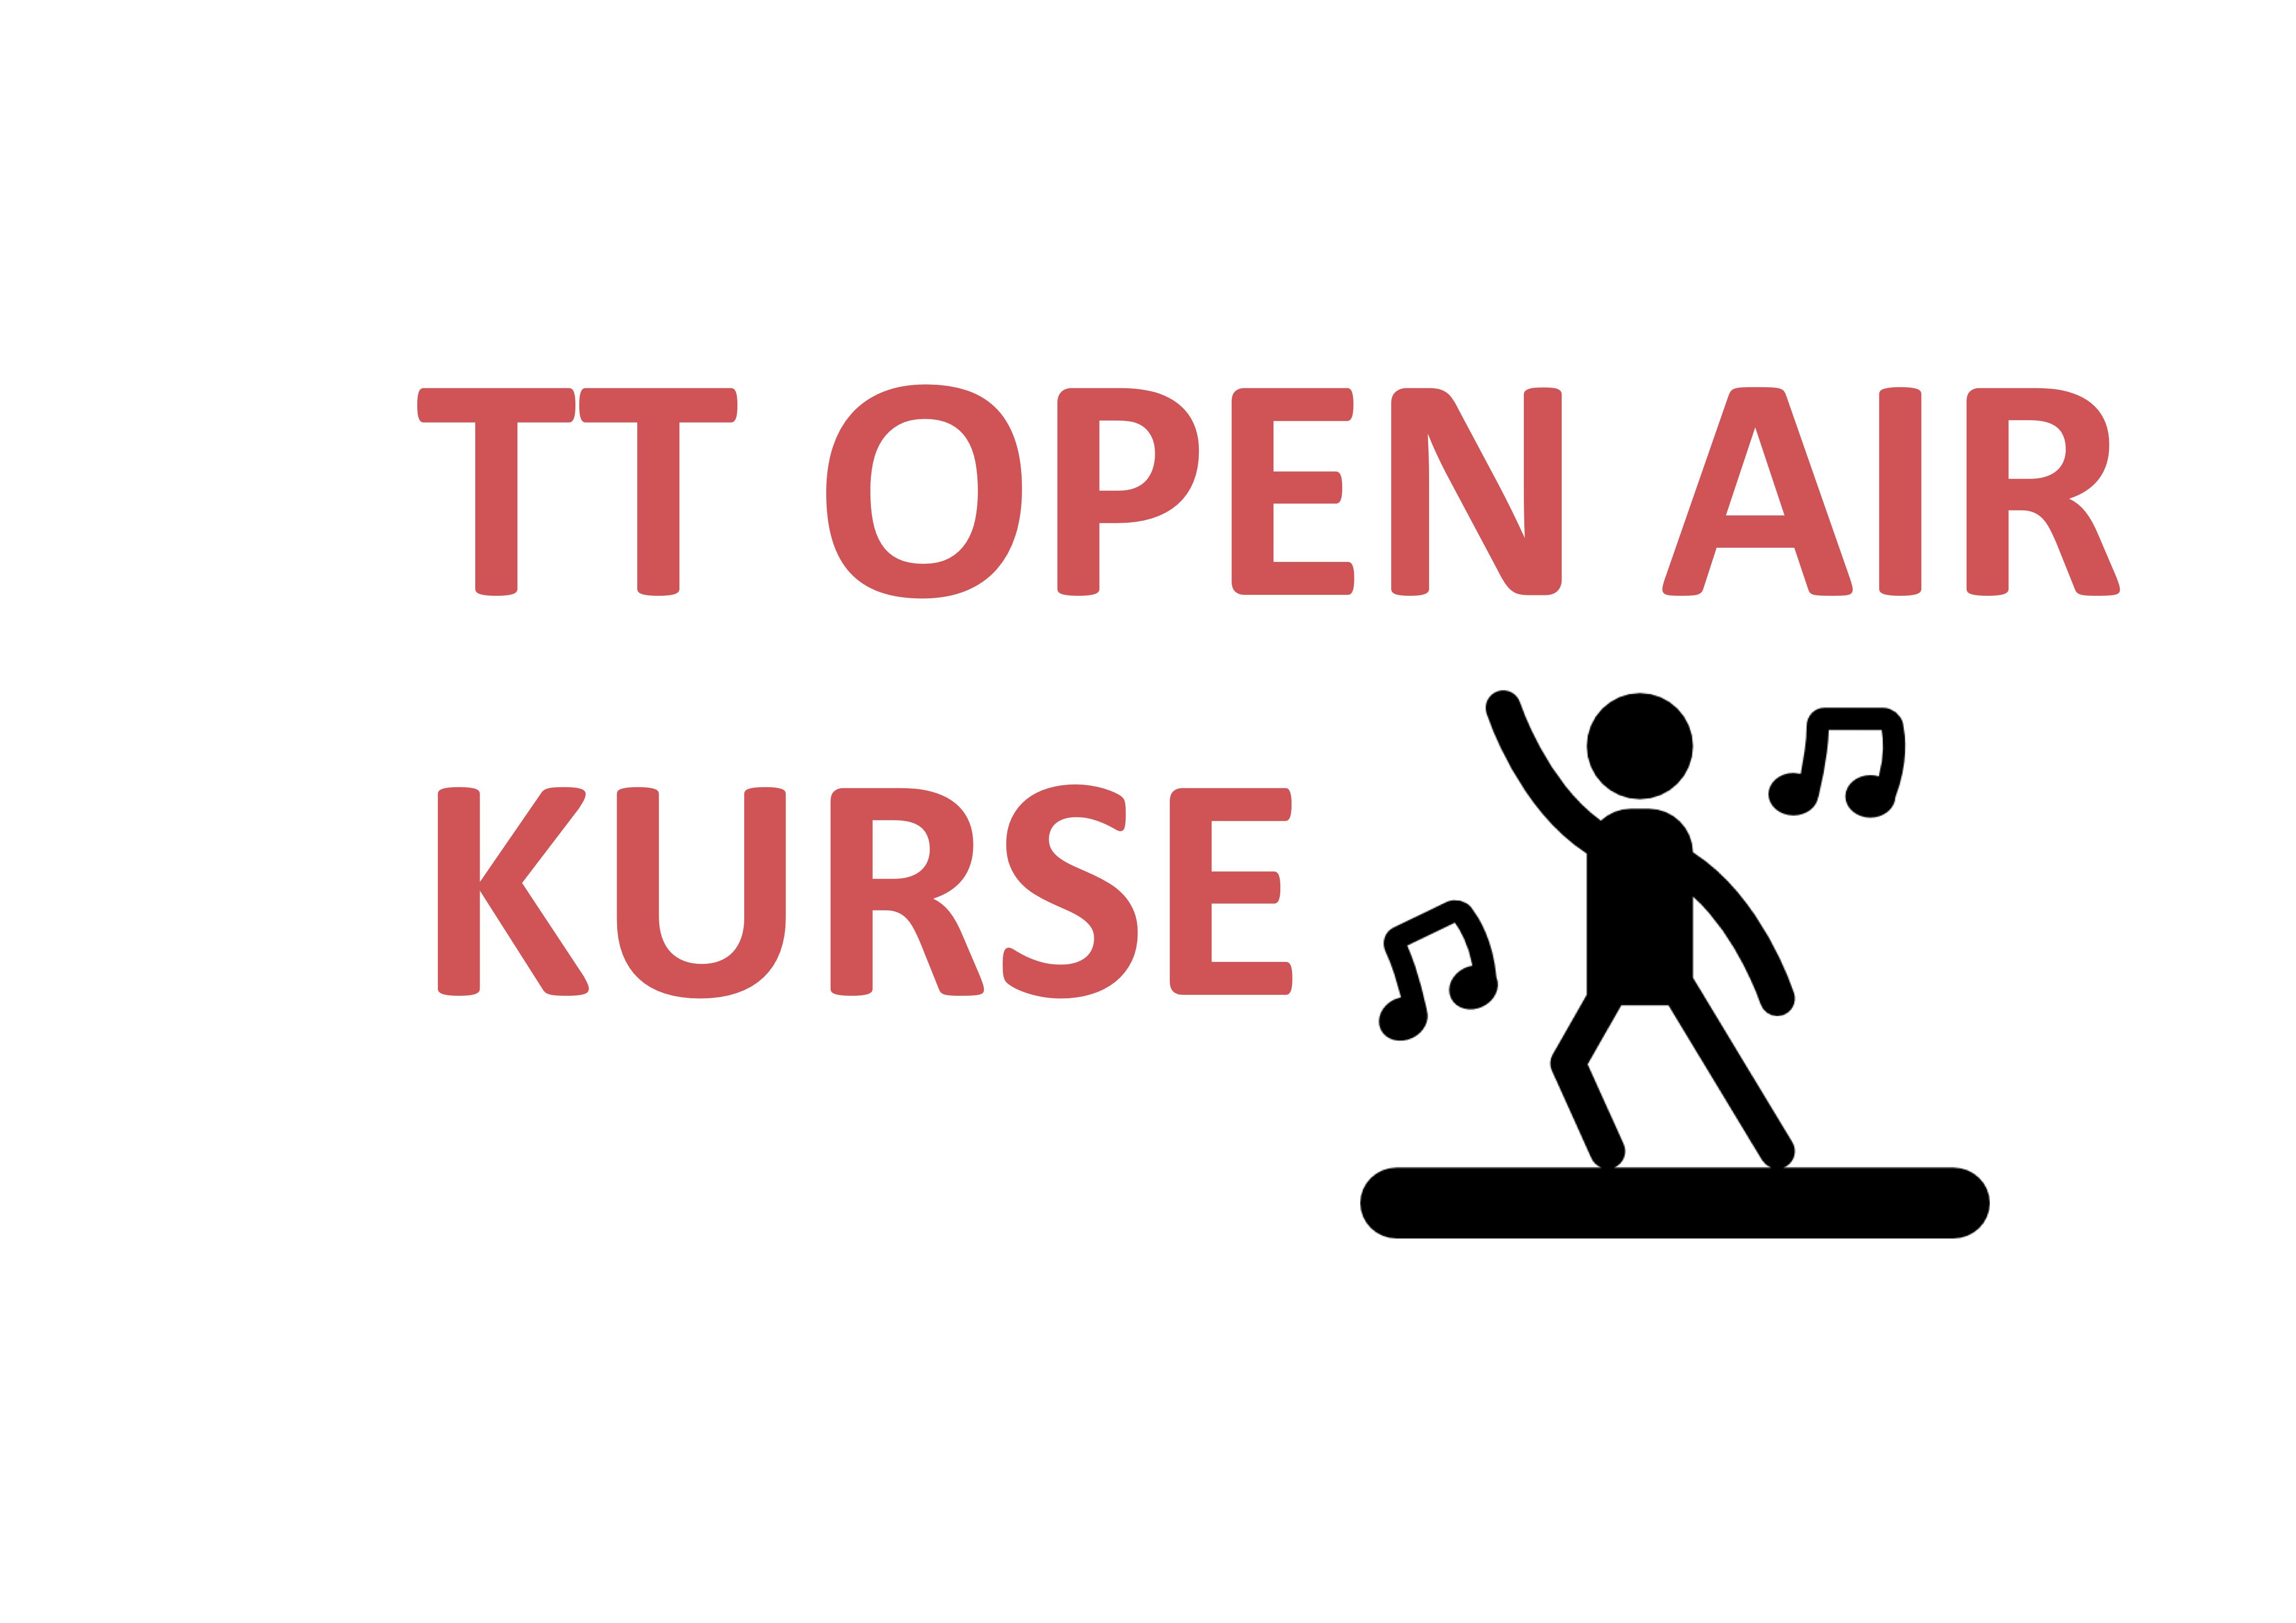 Open Air Kurse